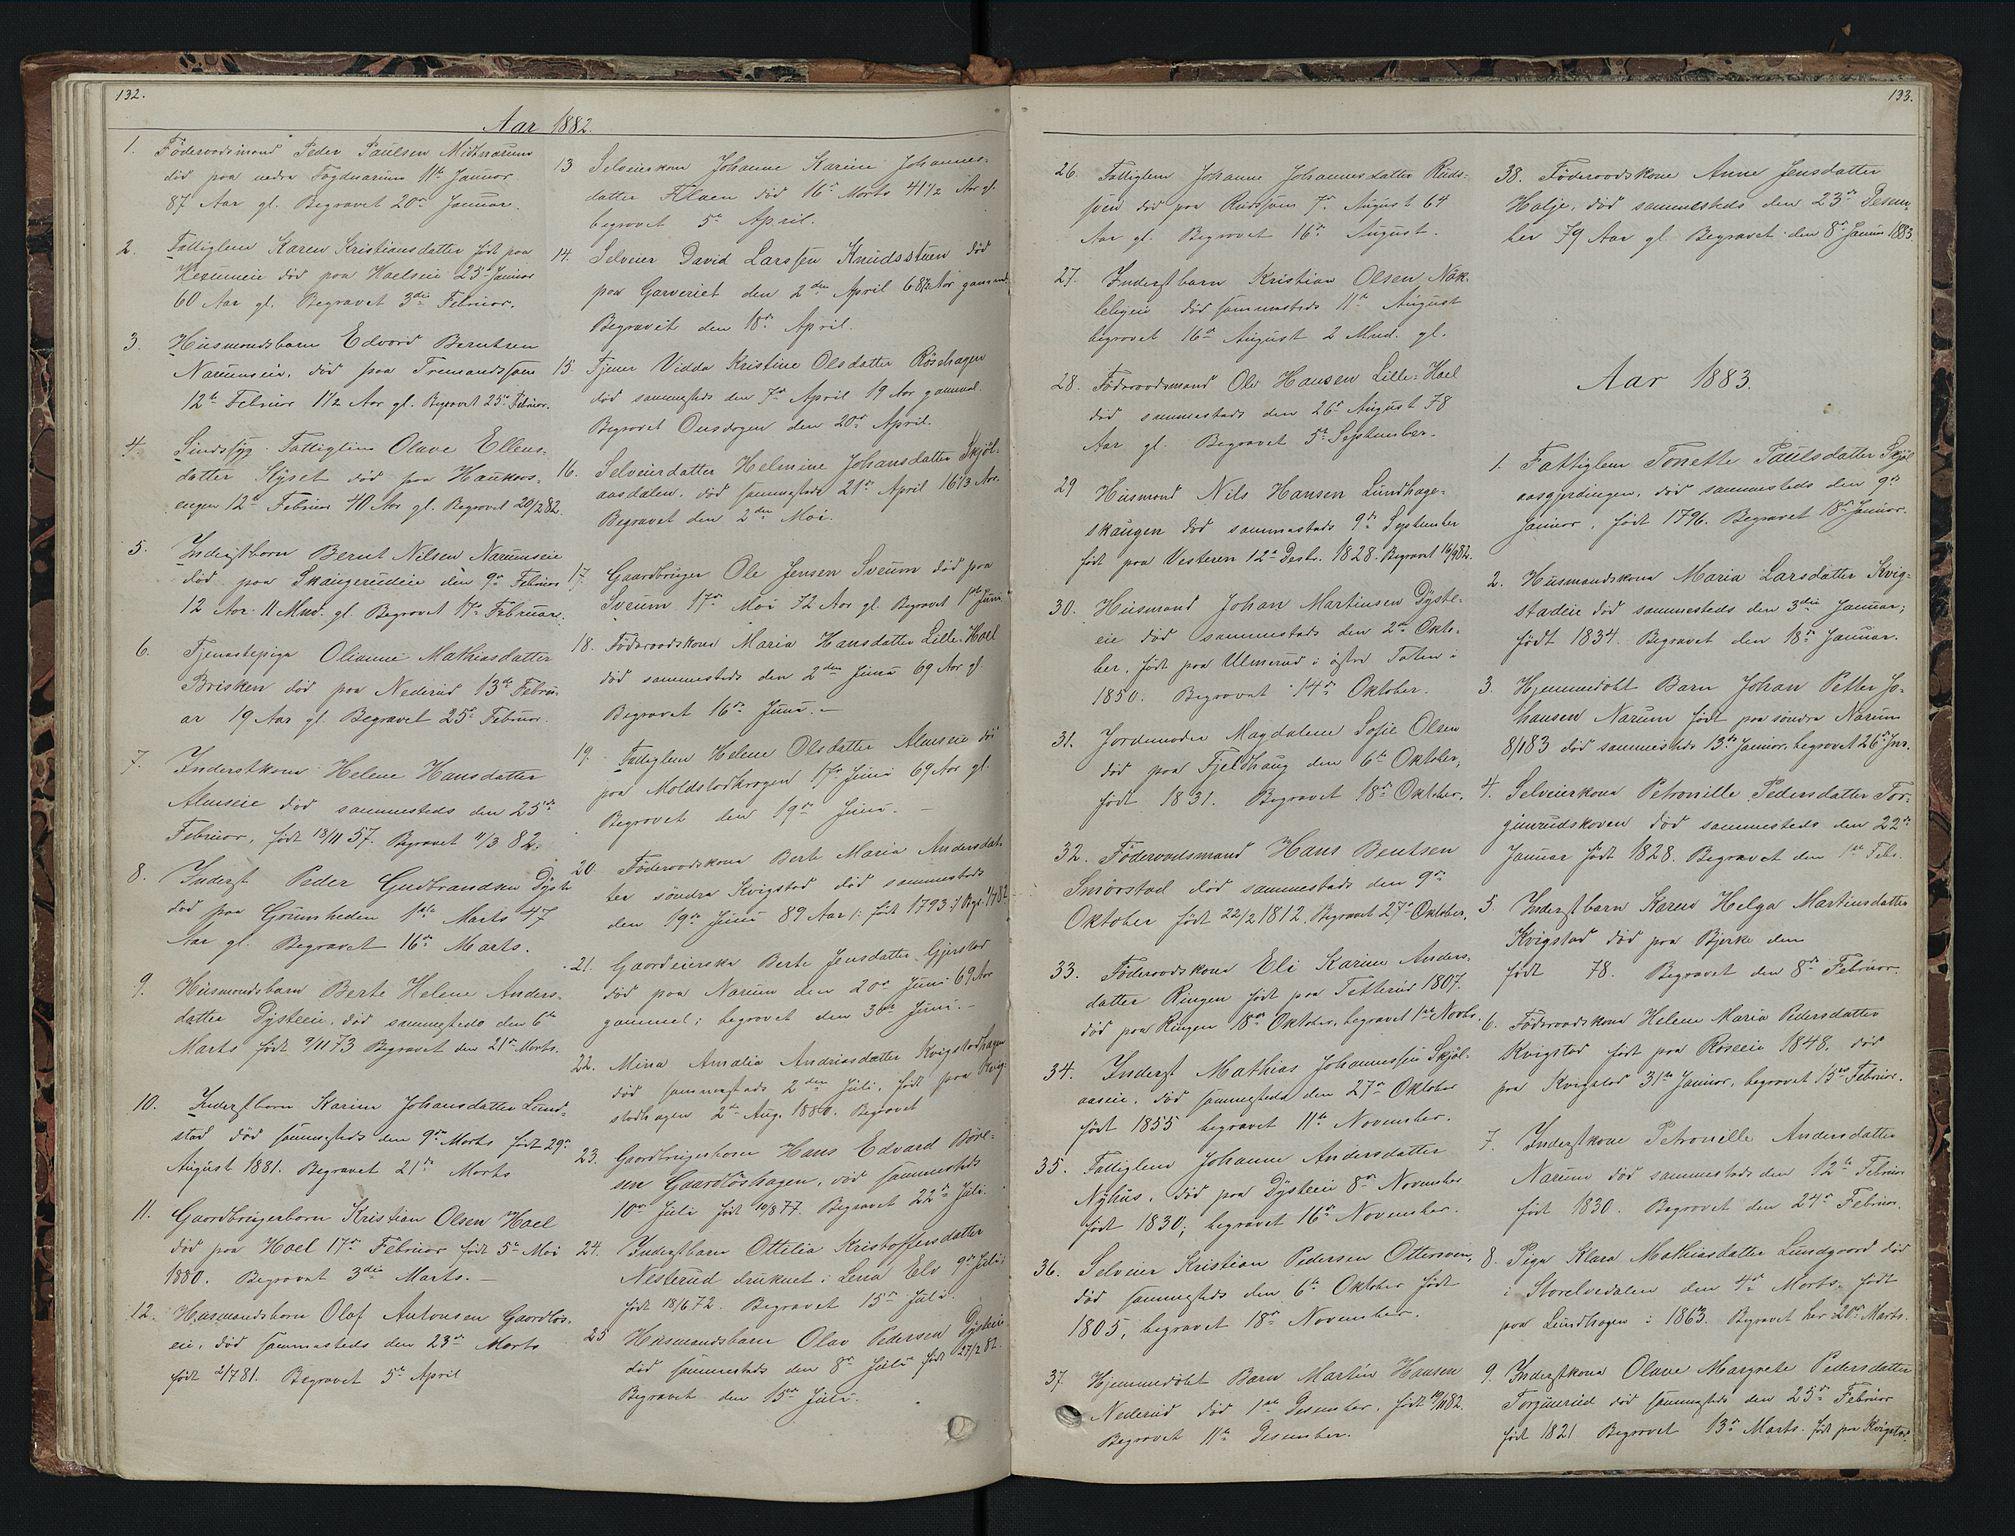 SAH, Vestre Toten prestekontor, H/Ha/Hab/L0007: Klokkerbok nr. 7, 1872-1900, s. 132-133